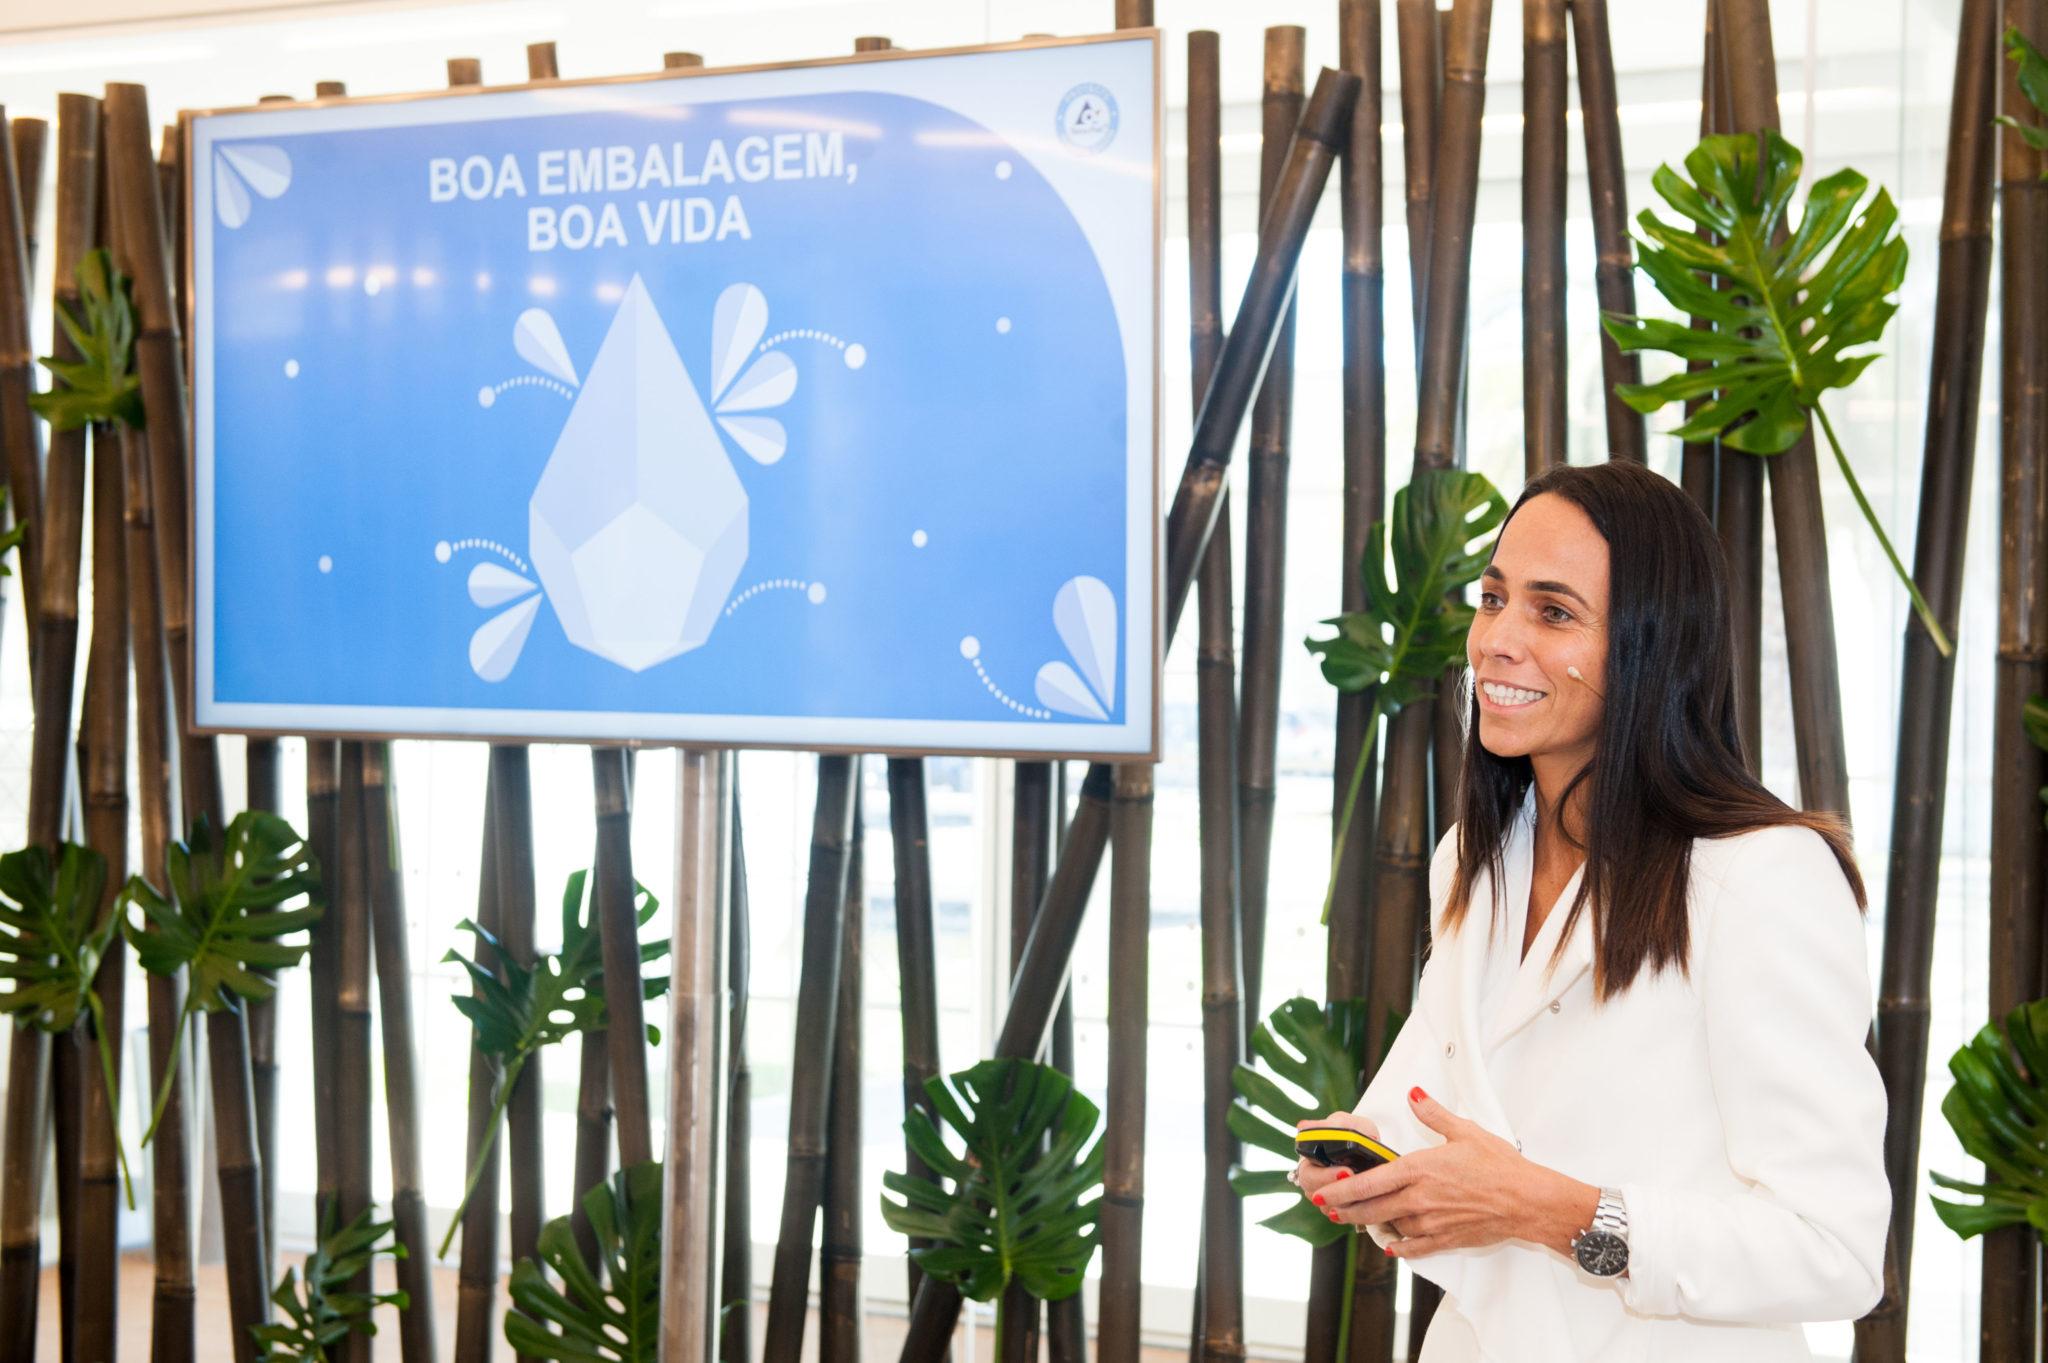 Ingrid Falcão, responsável da área de Ambiente da Tetra Pak Portugal